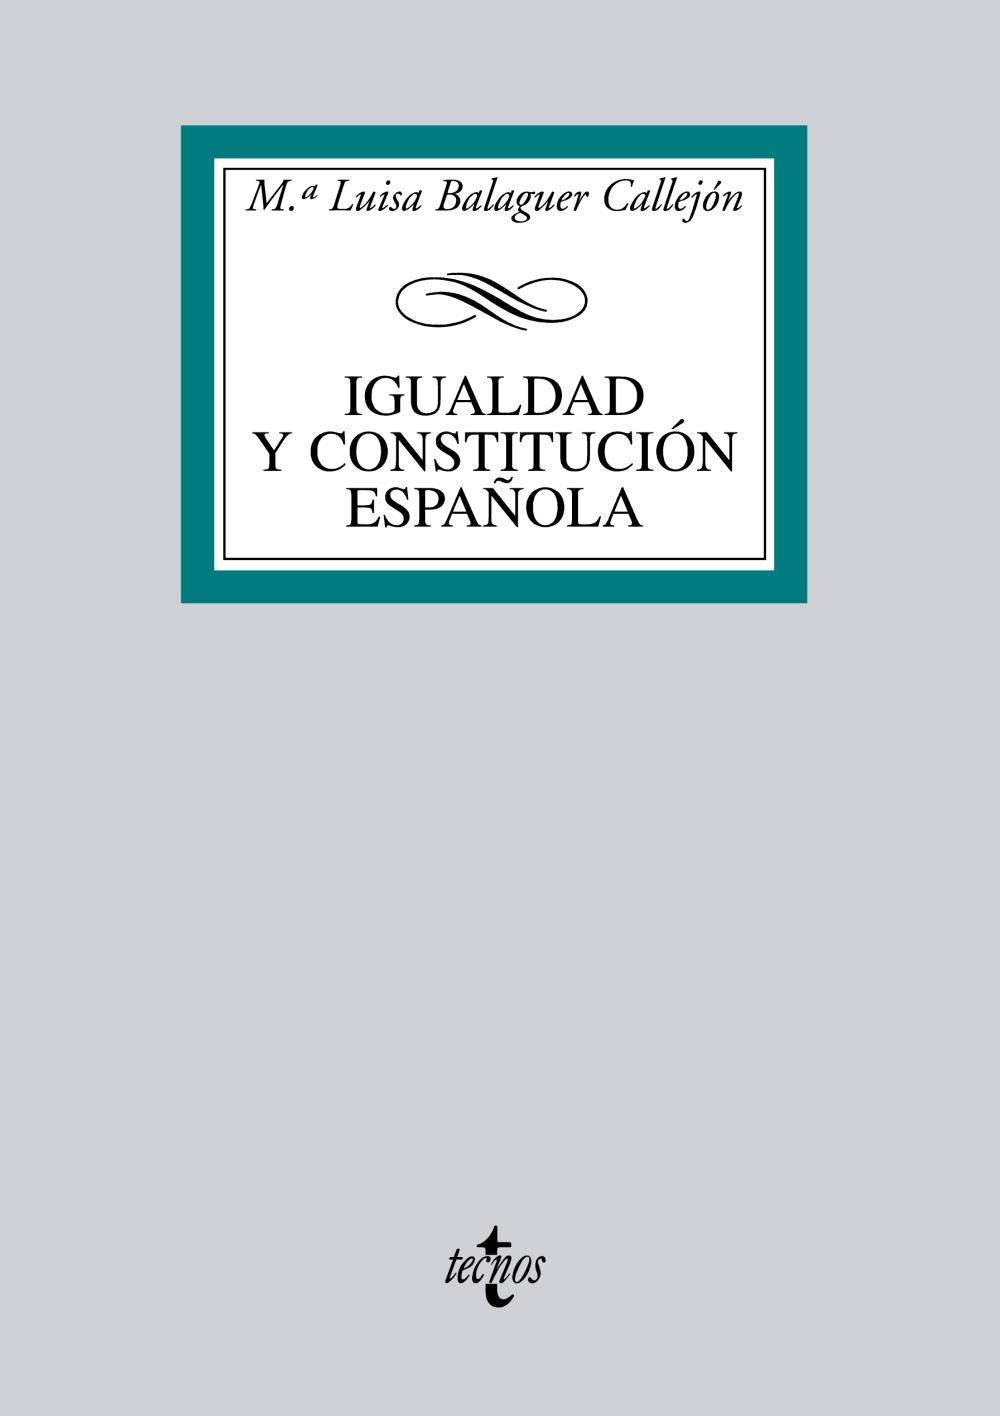 Igualdad y Constitución Española